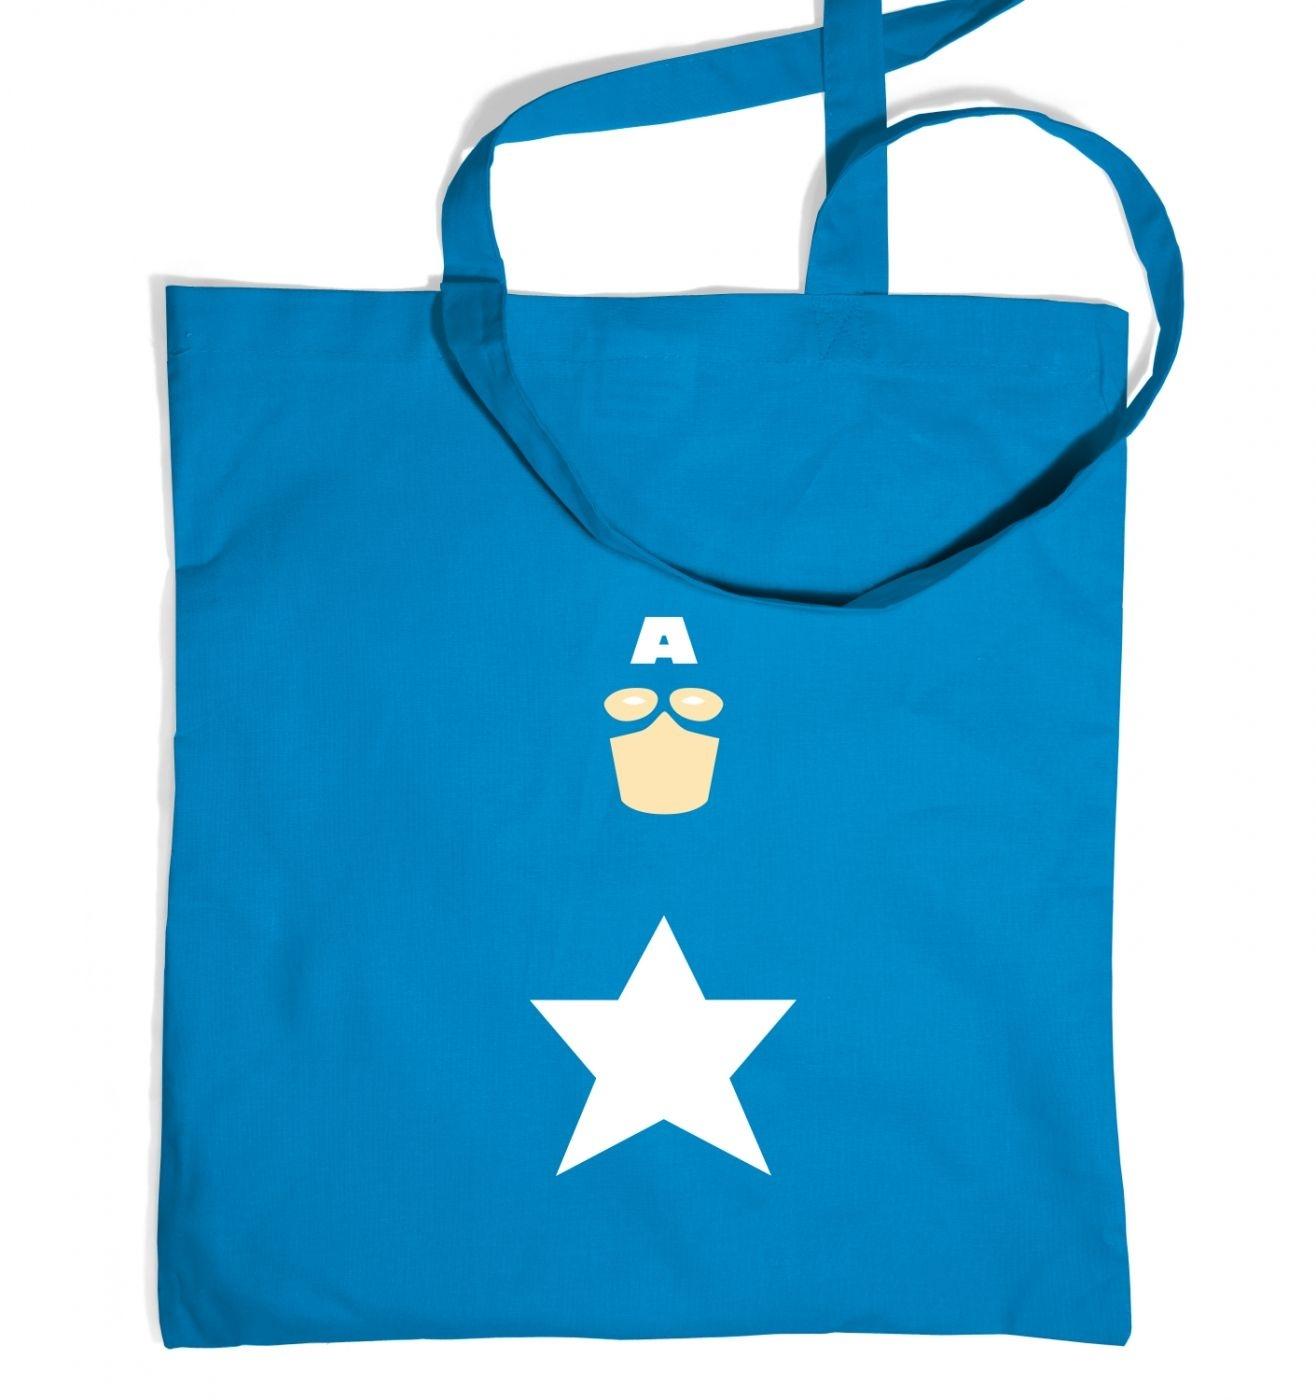 All American Hero tote bag